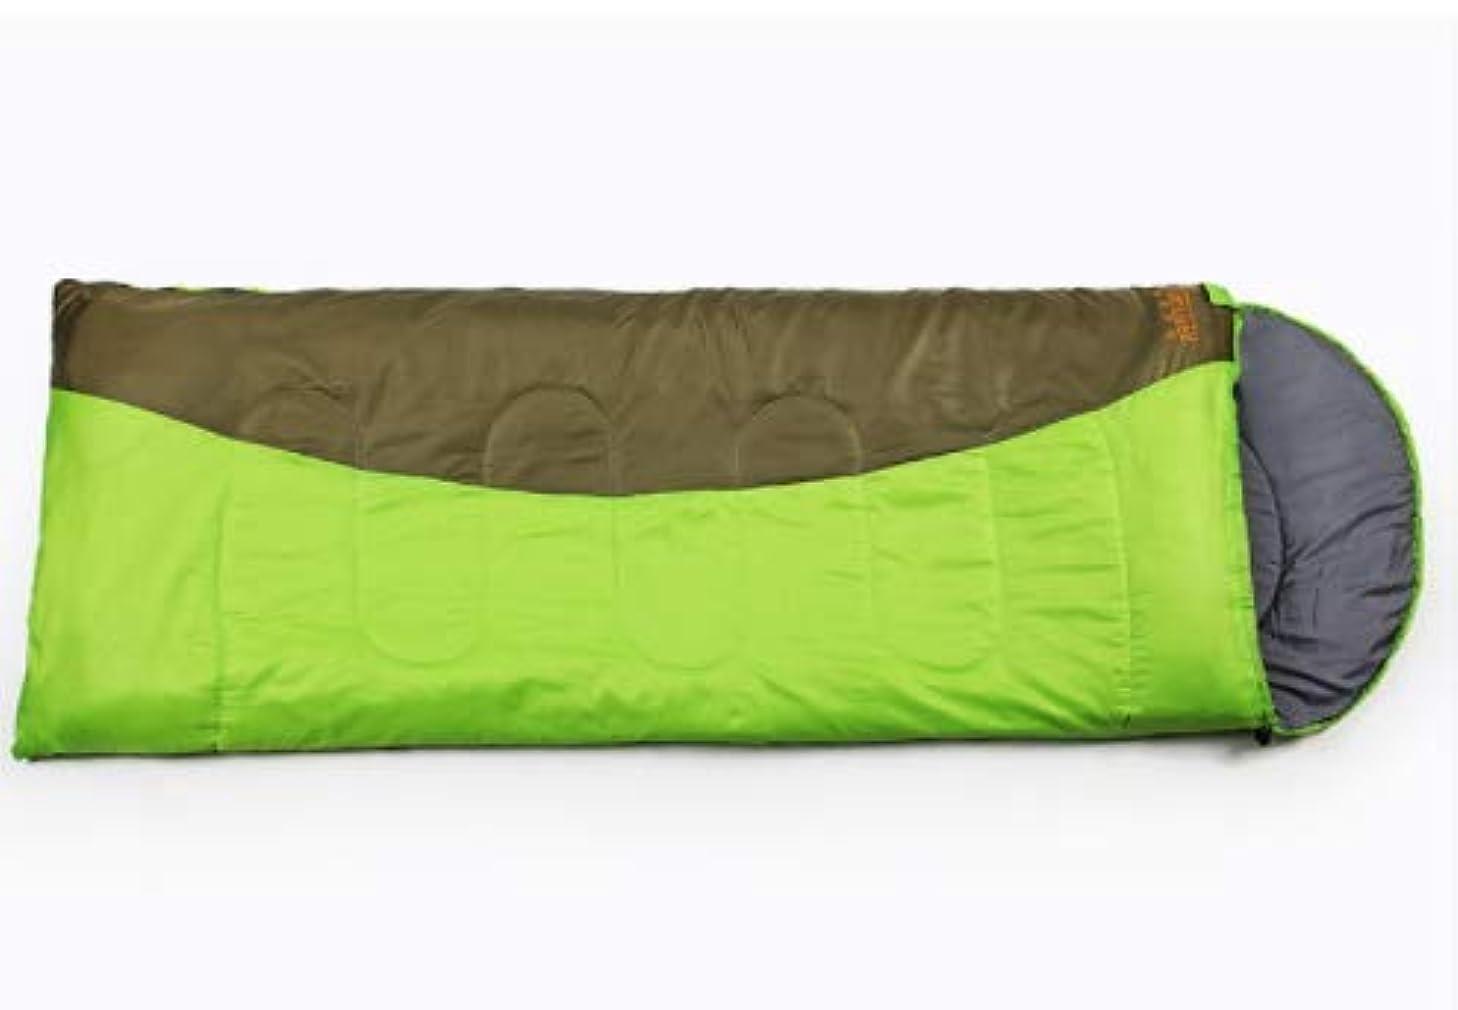 残酷な鎖パドルダブル寝袋厚手の冬の季節の封筒汚い大人の屋外旅行寝袋を接合することができます